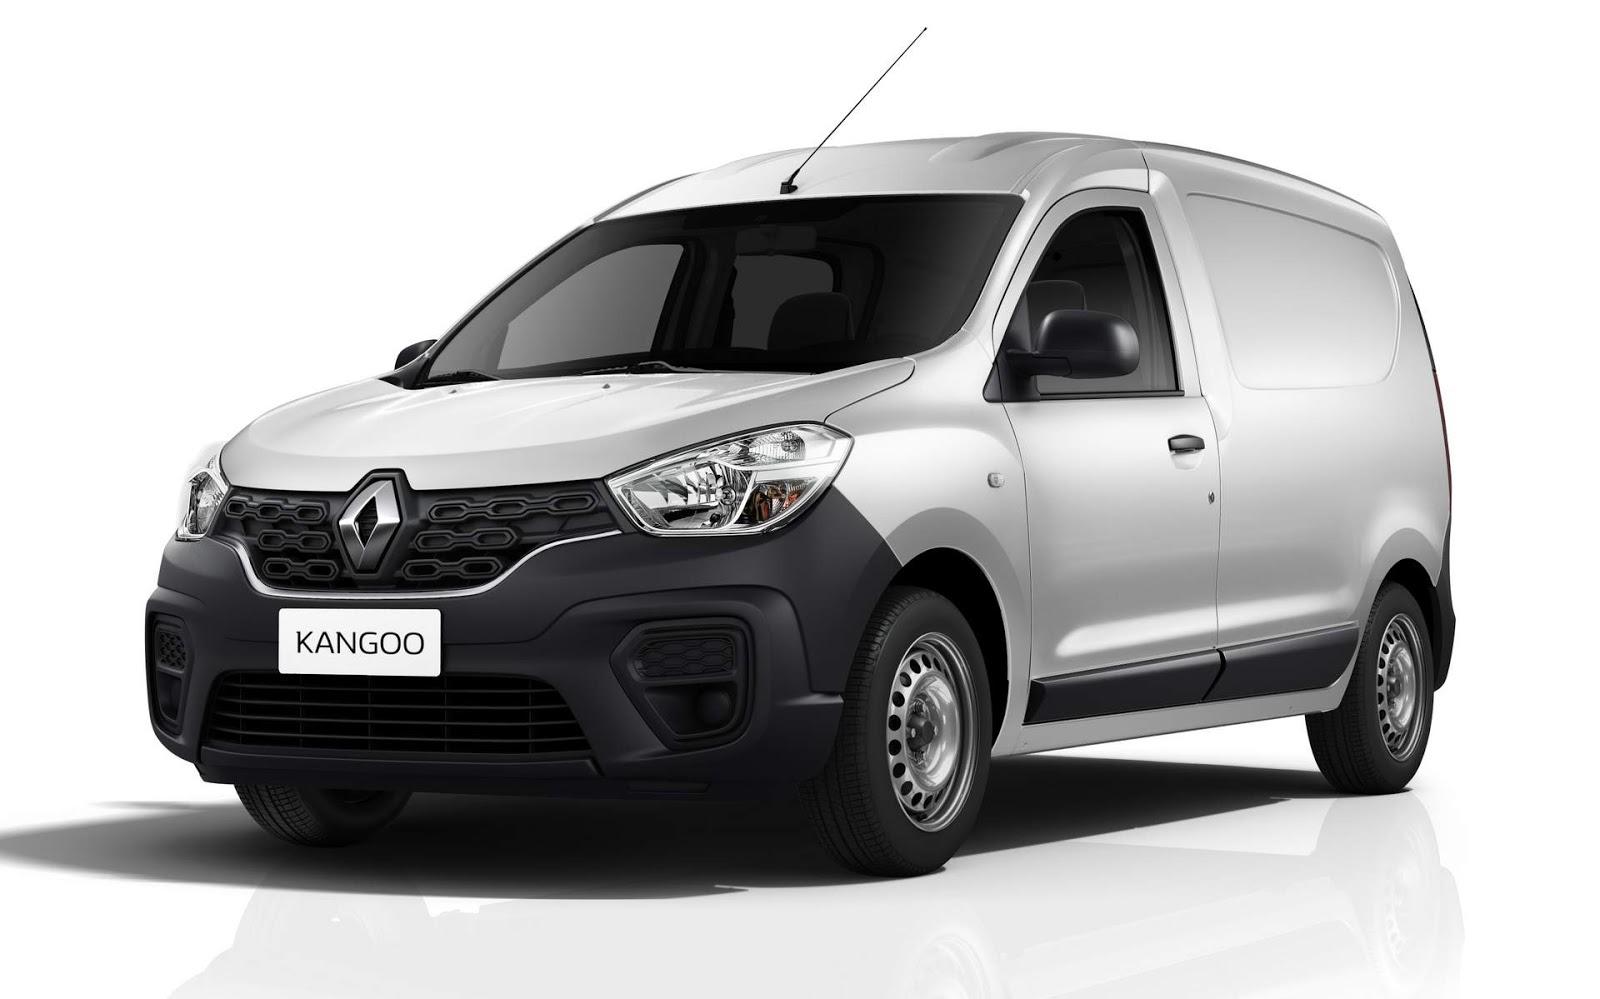 novo renault kangoo chega argentina por r 59 mil car blog br. Black Bedroom Furniture Sets. Home Design Ideas